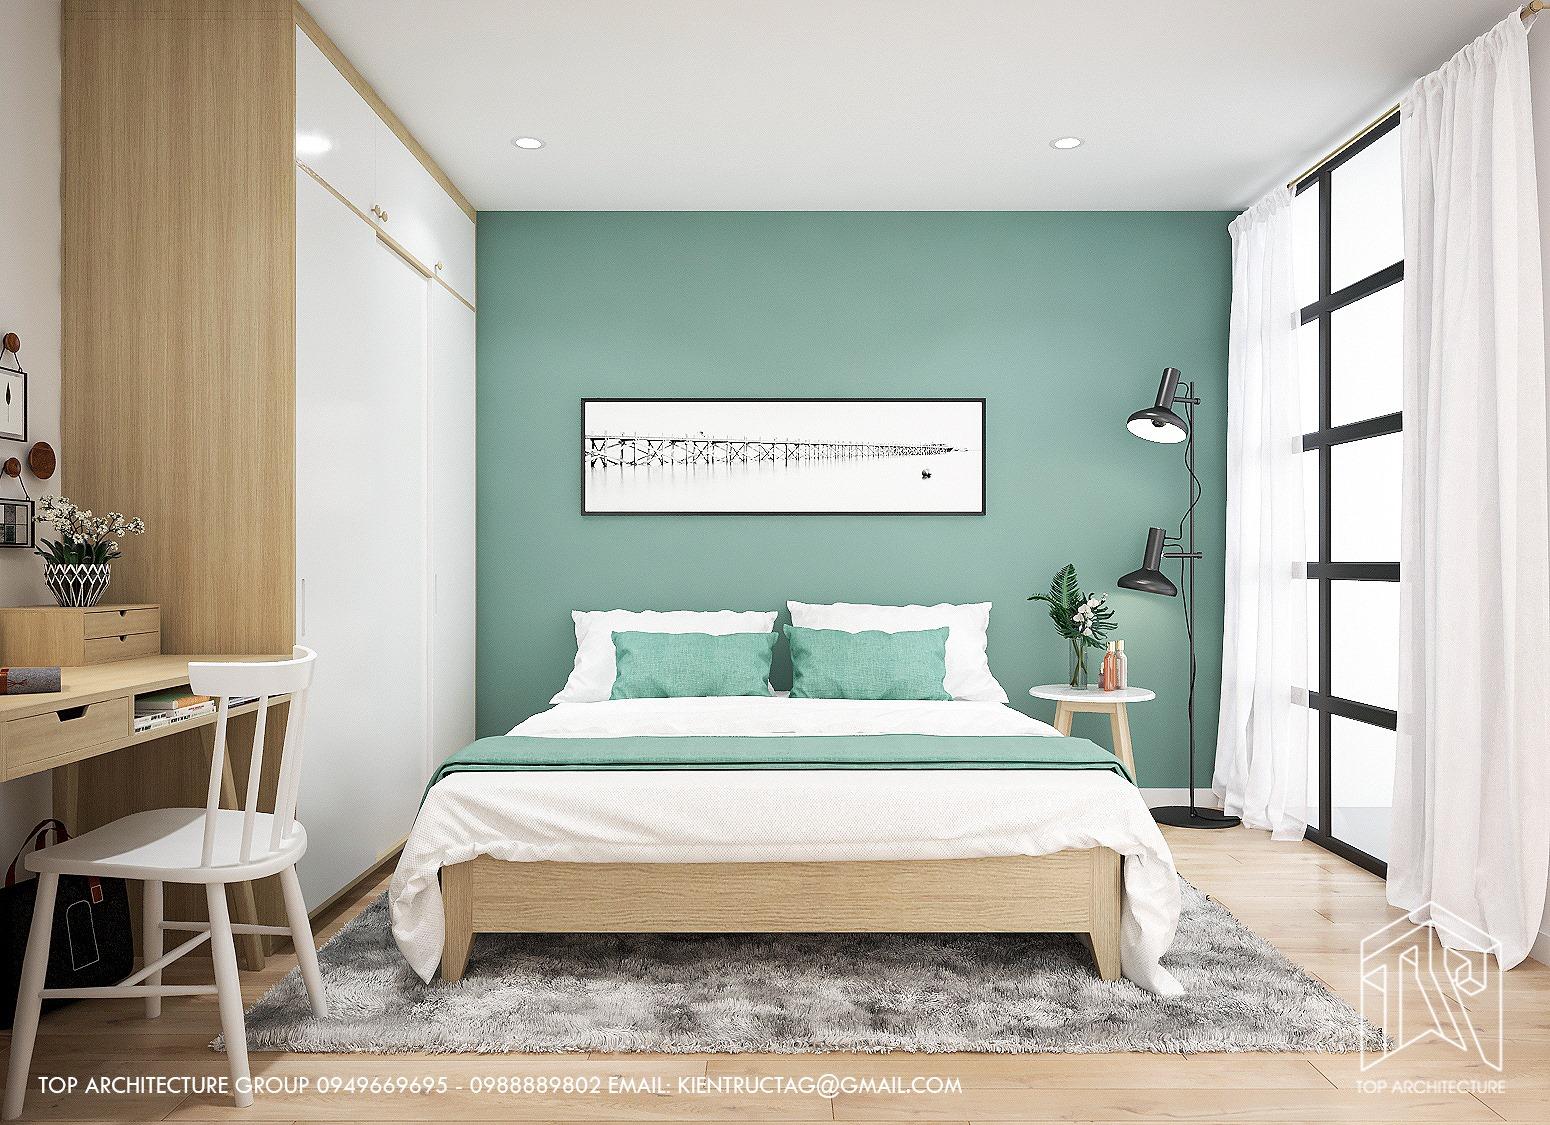 Thiết kế nội thất Chung Cư tại Hà Nội Chung cư 2 ngủ GreenBay 1626186170 6